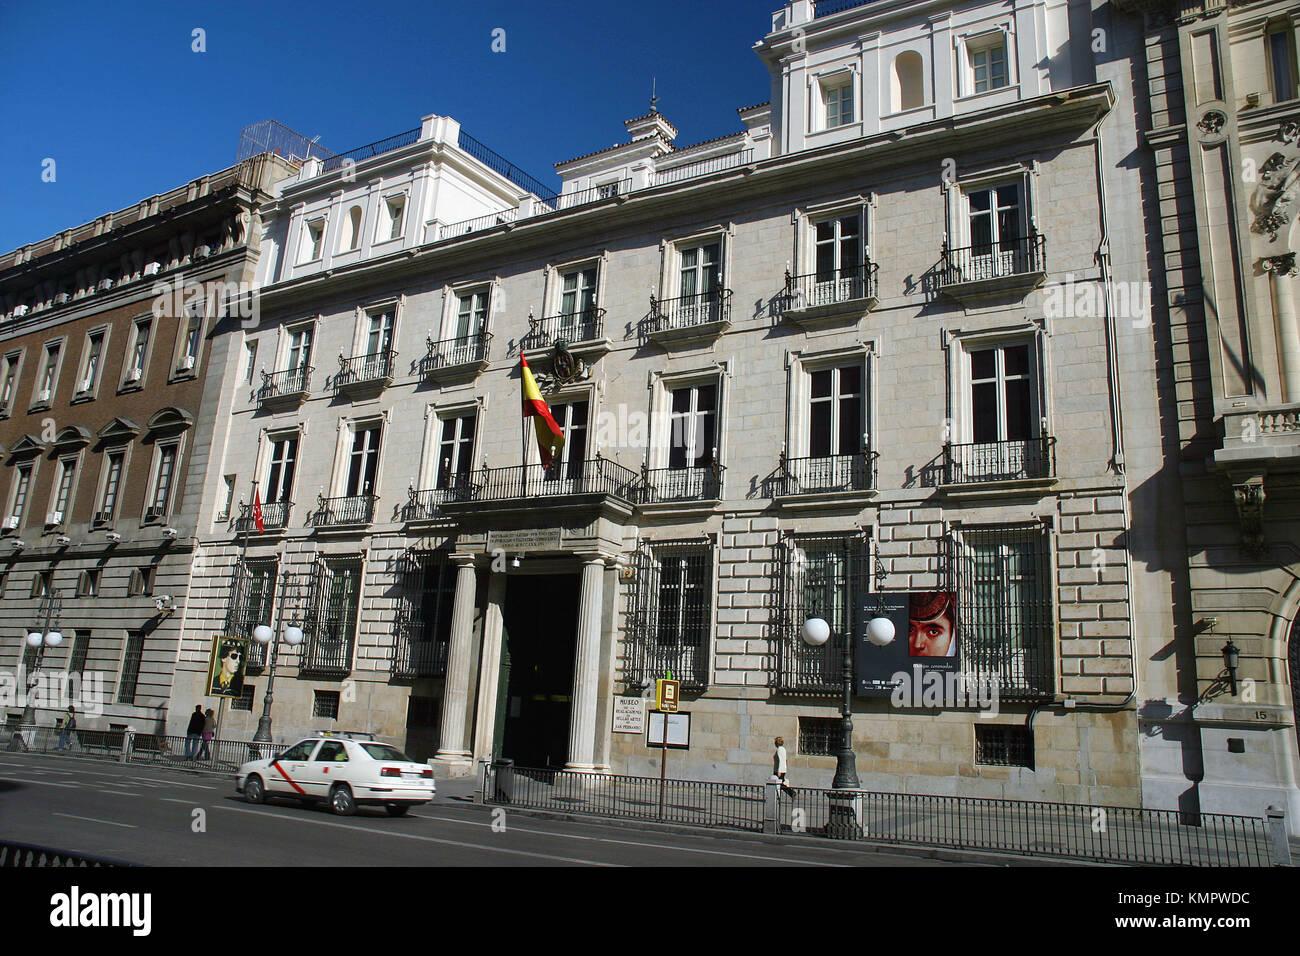 Museum of Real Academia de Bellas Artes de San Fernando, Madrid. Spain - Stock Image